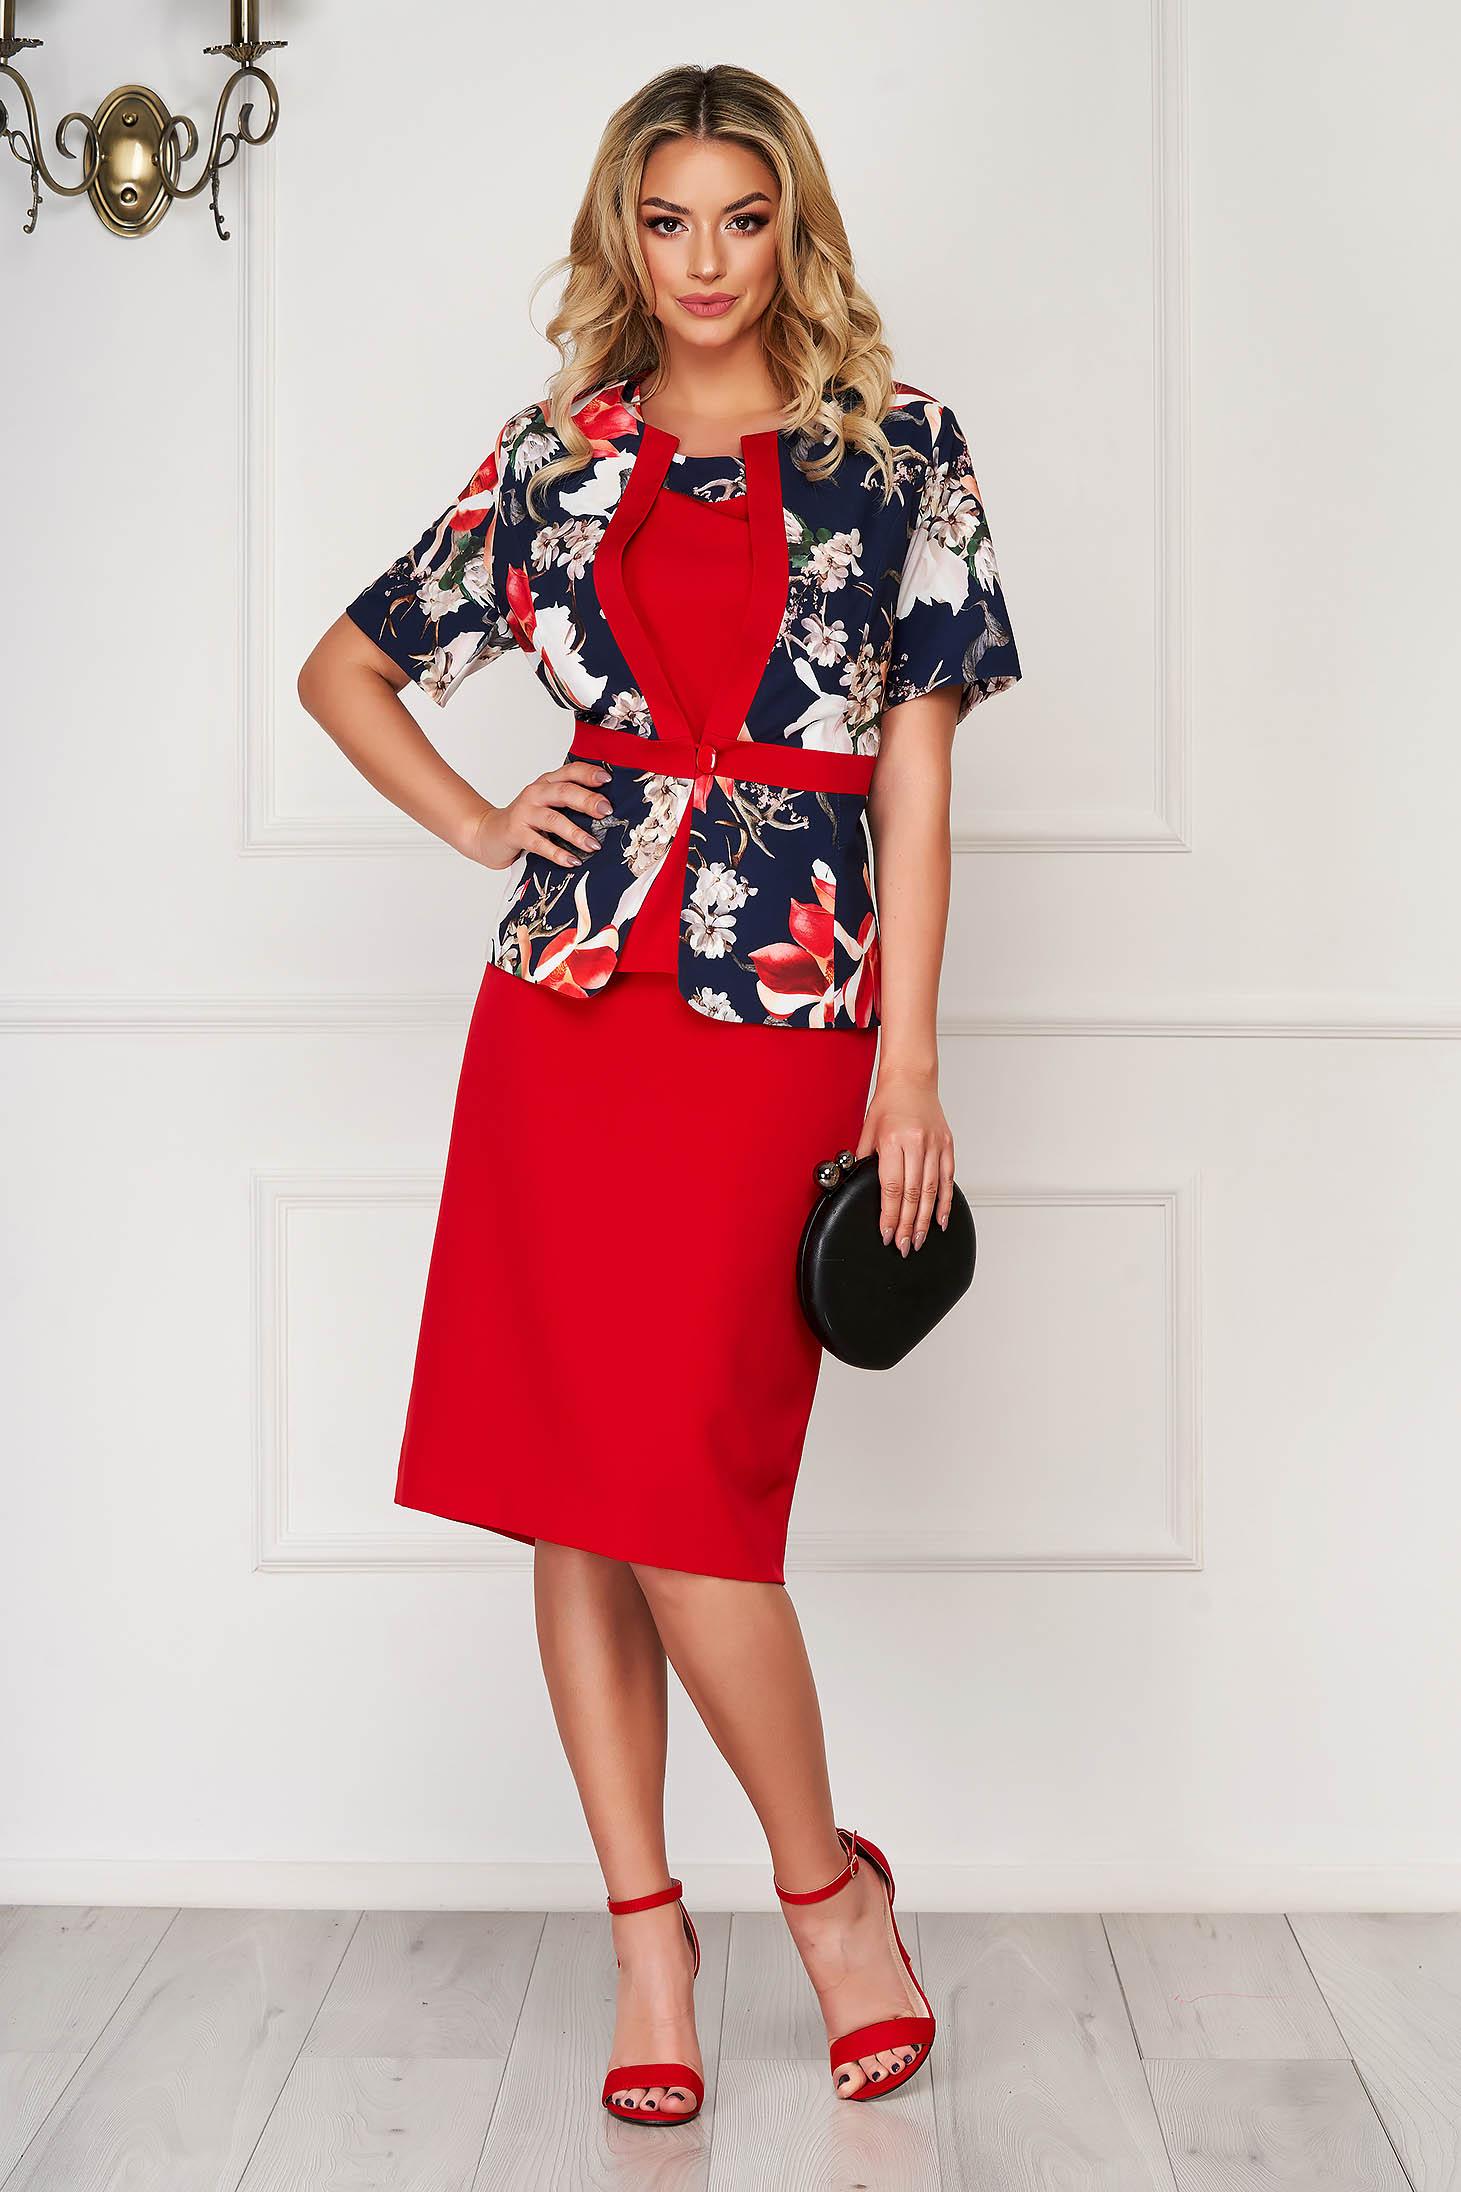 Piros elegáns szoknyás női kosztüm rugalmatlan szövetből